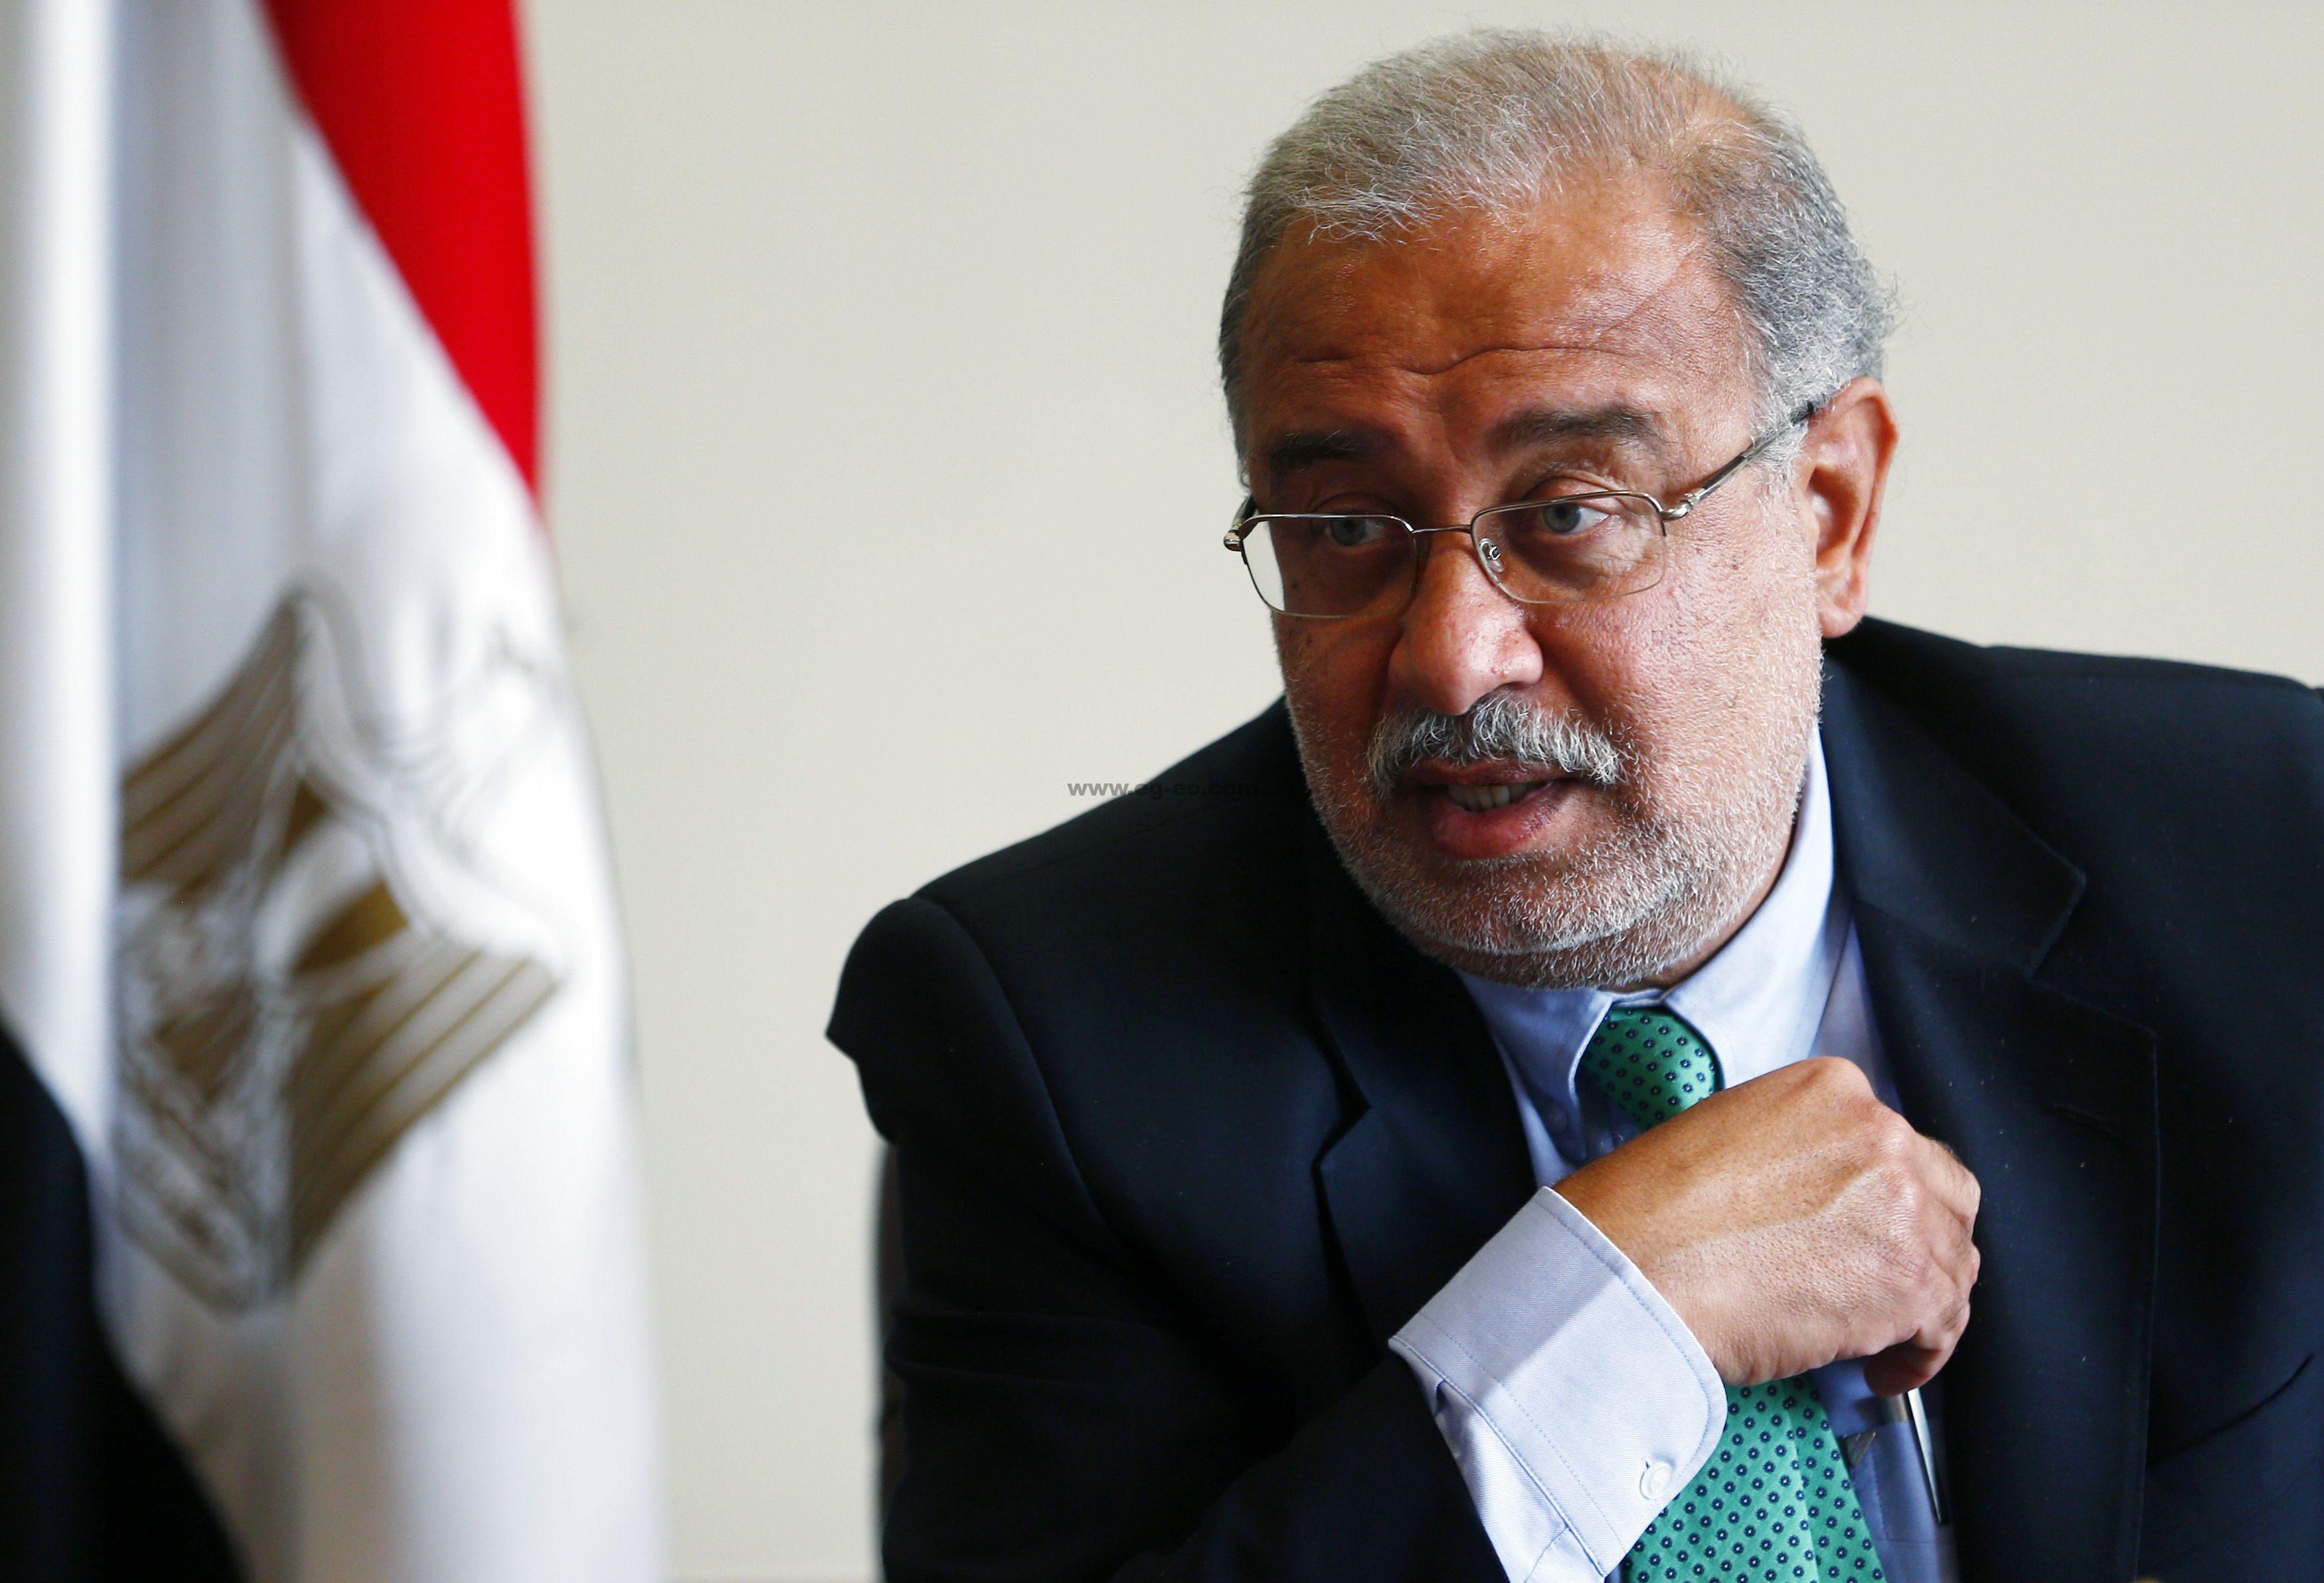 صورة رئيس الوزراء : لا مصلحة لنا إلا مصر والمواطن